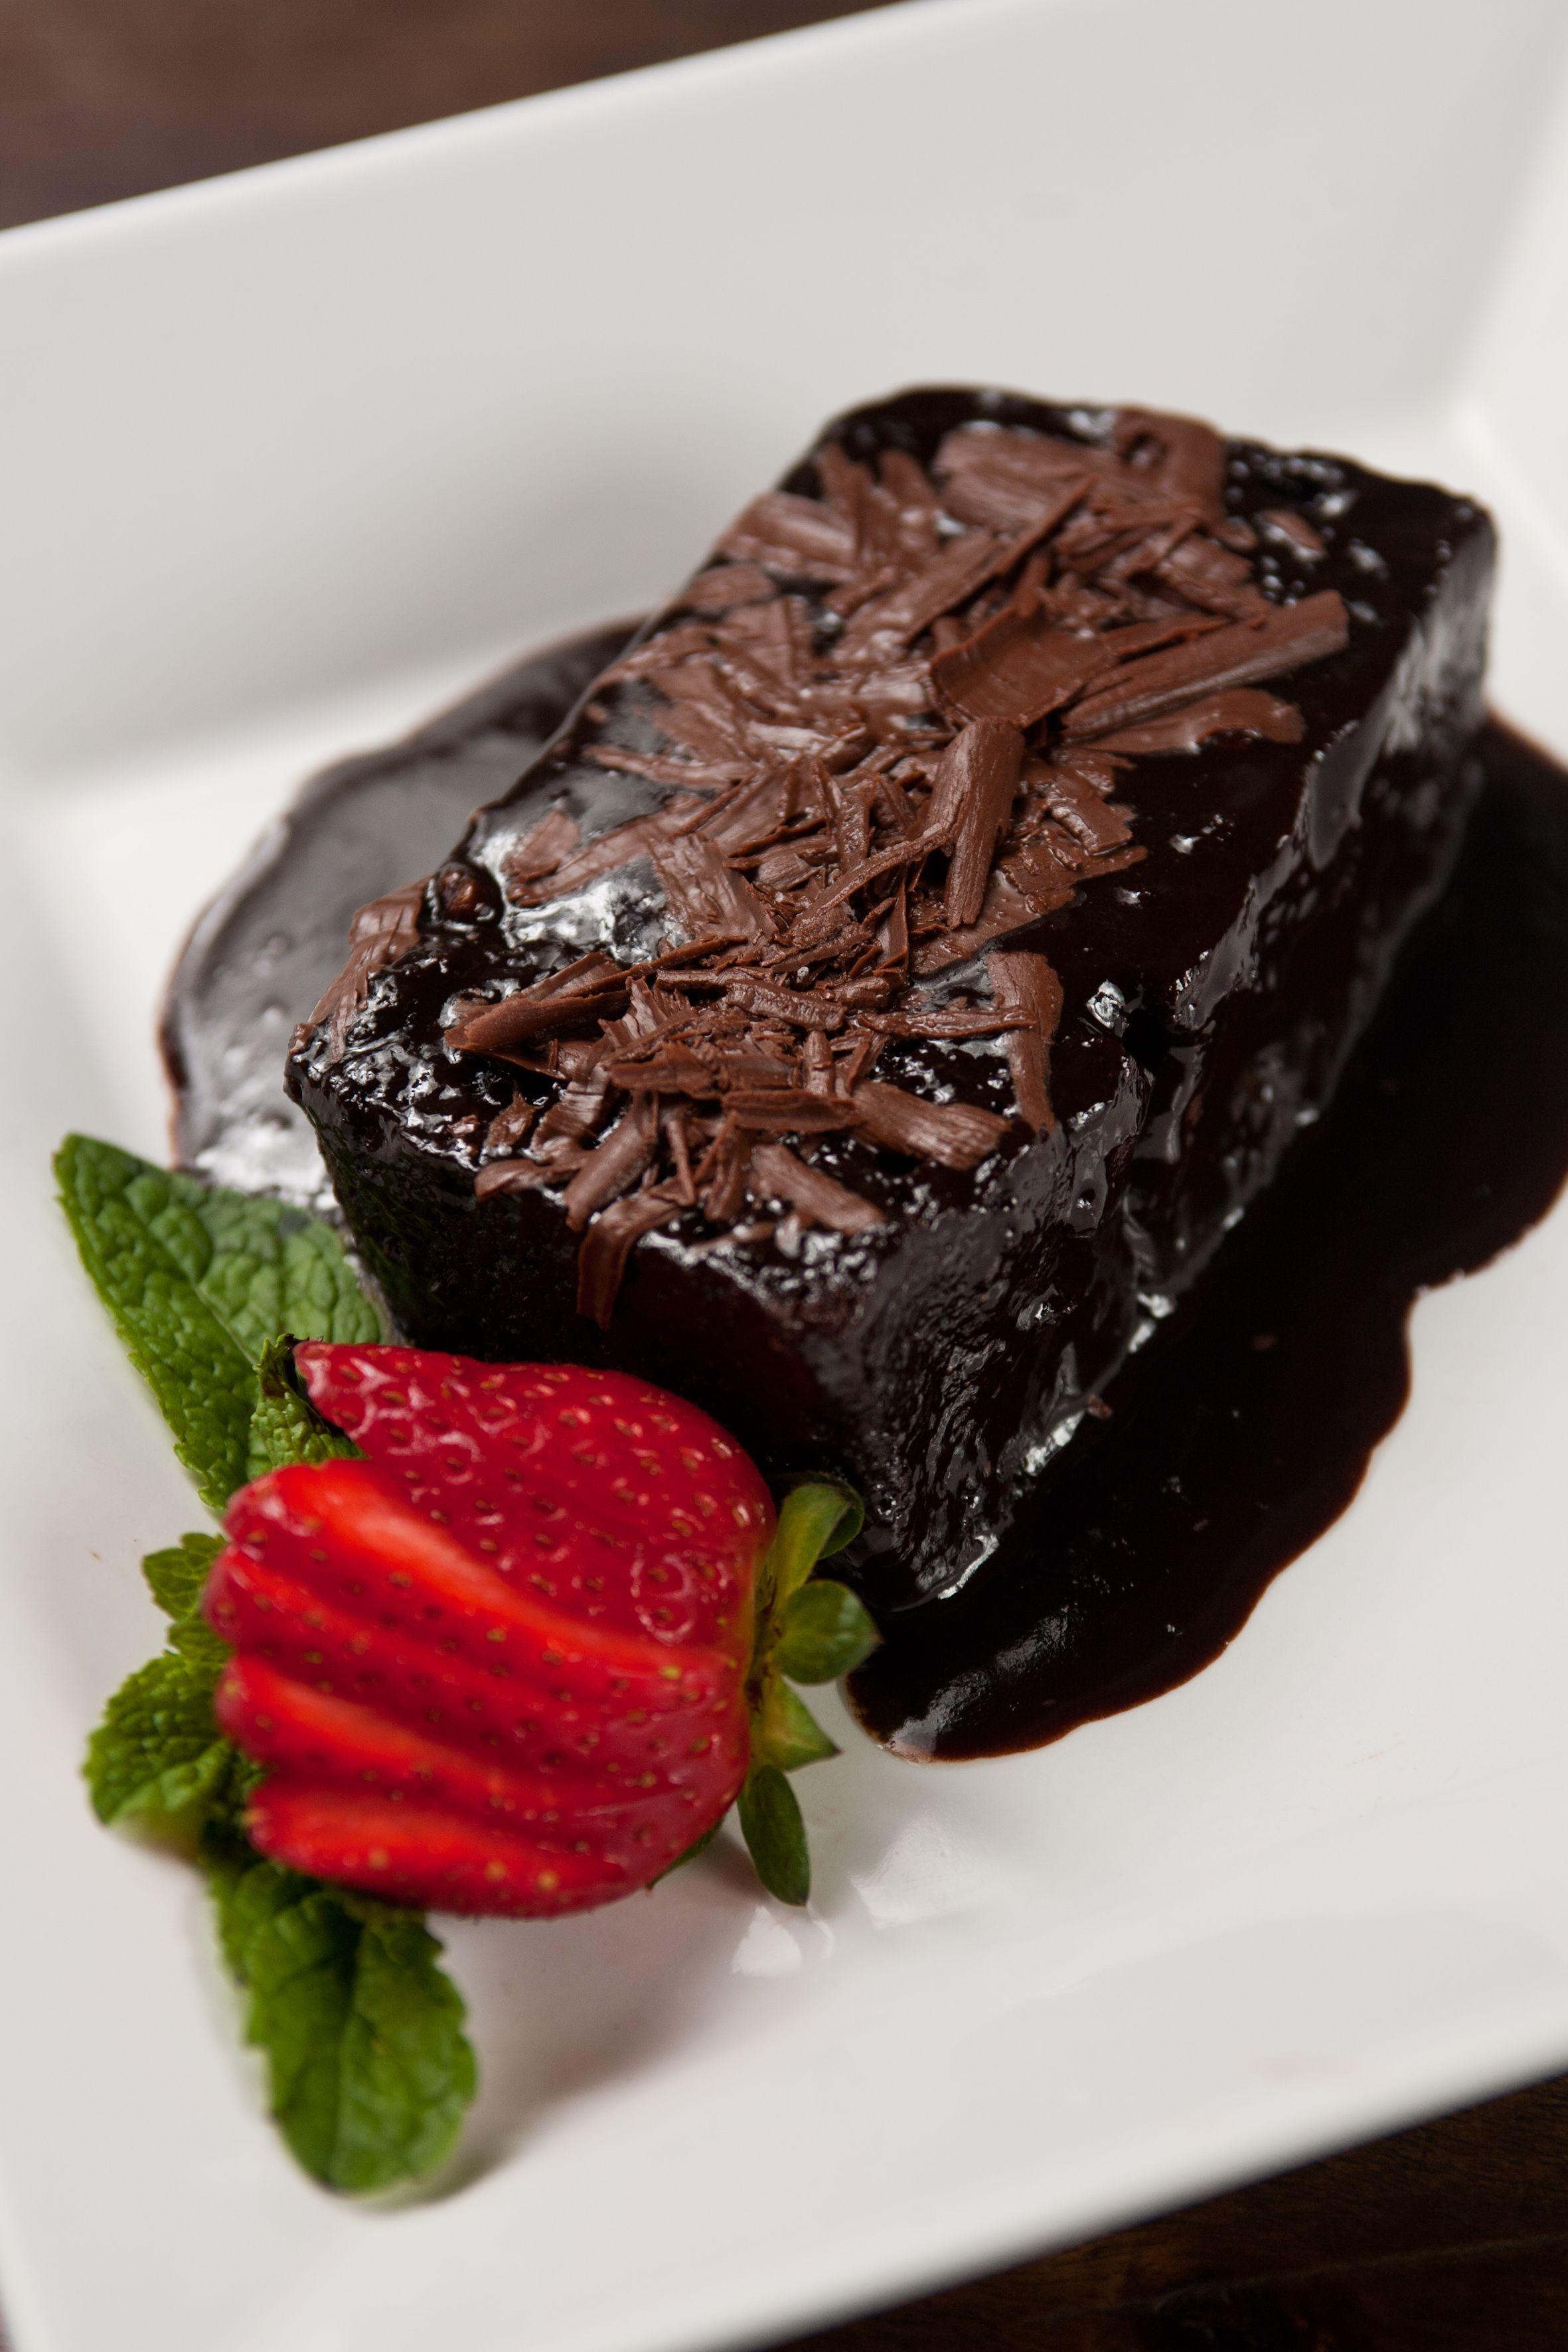 Bolo De Chocolate Quente Com Calda De Chocolate E Baunilha Bolo De Chocolate Chocolate Quente Calda De Chocolate